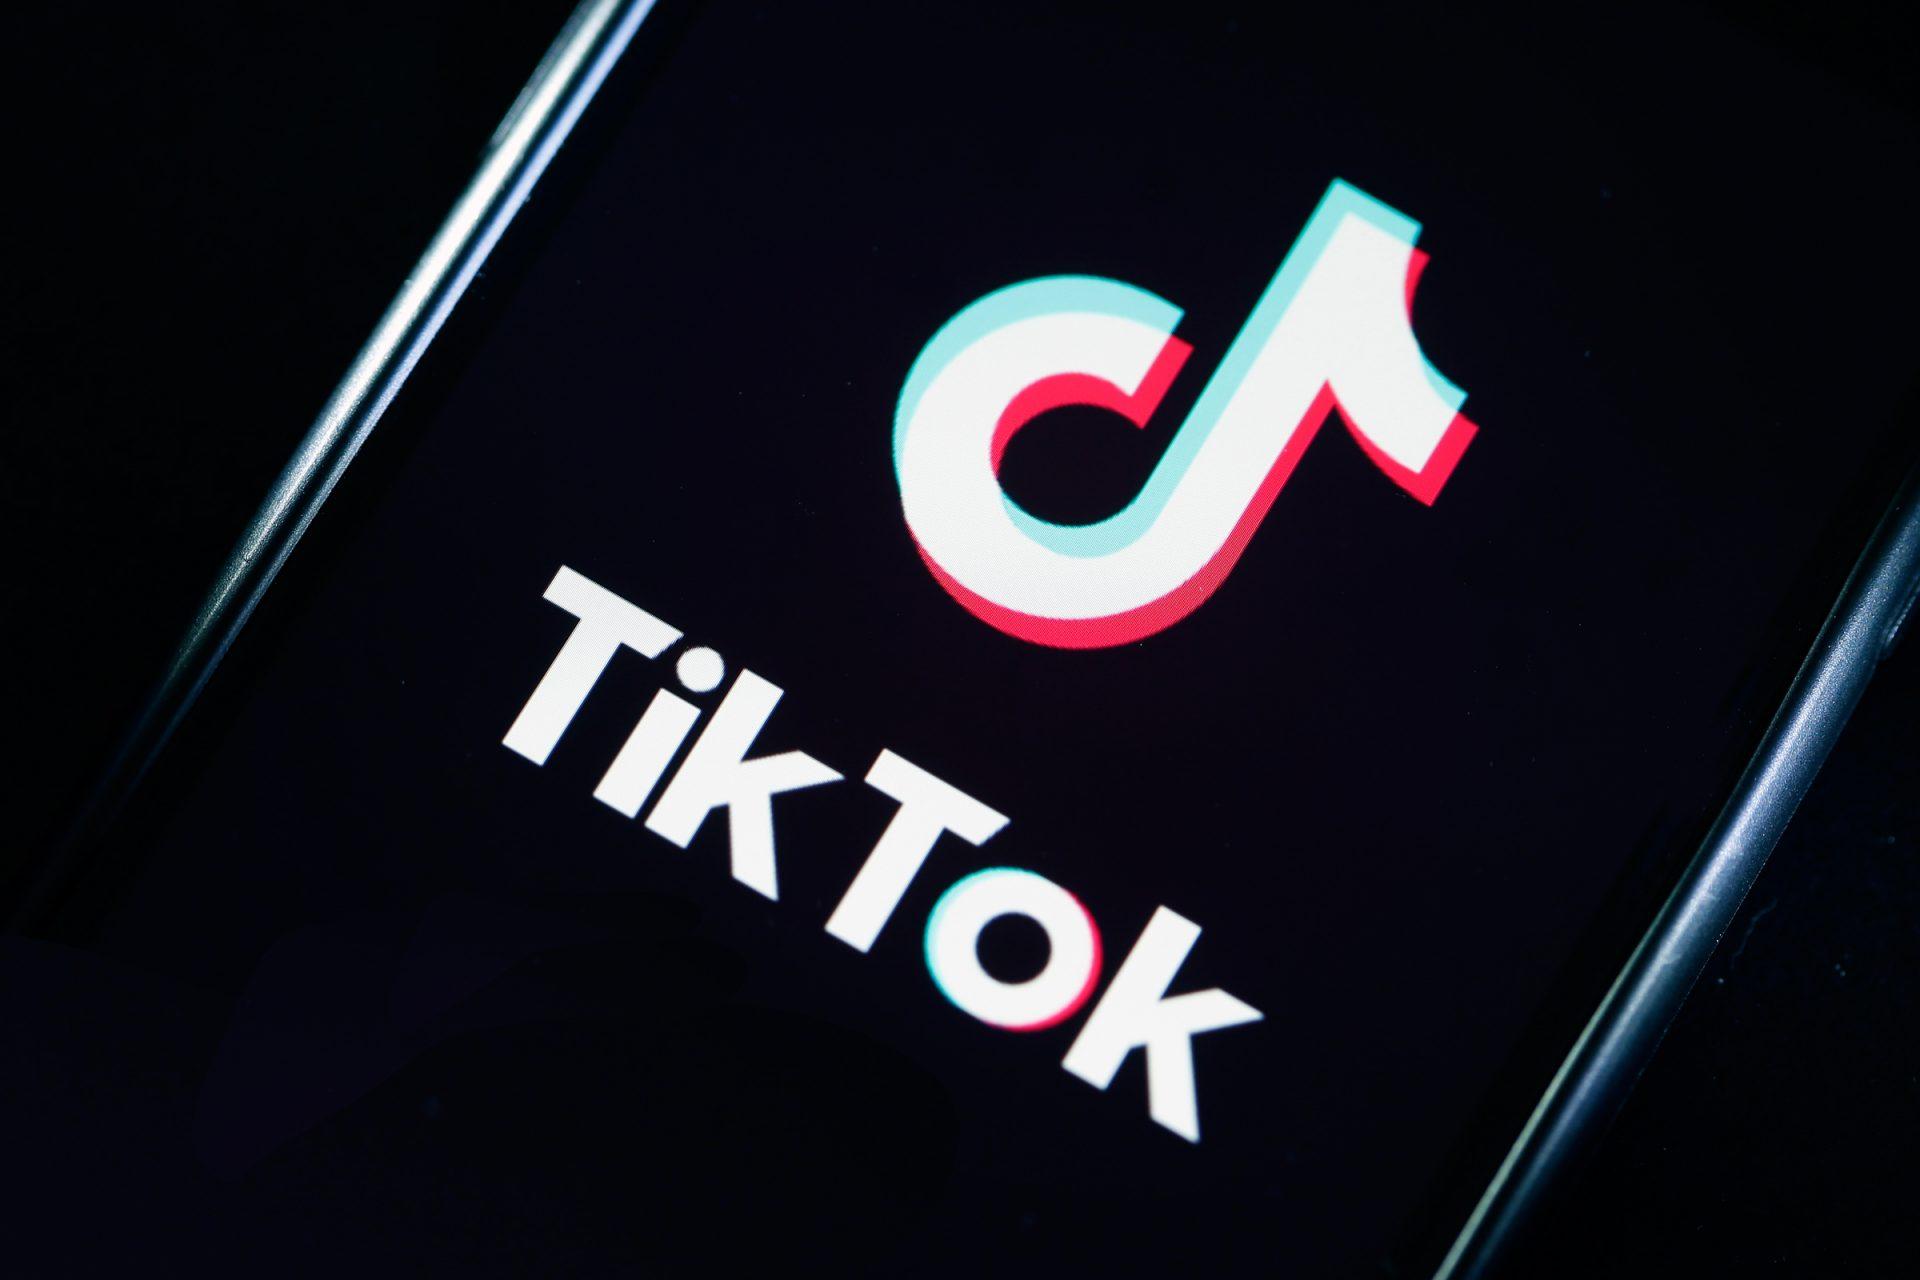 Compania care deține TikTok ar încerca să iasă din sfera de influență a Chinei